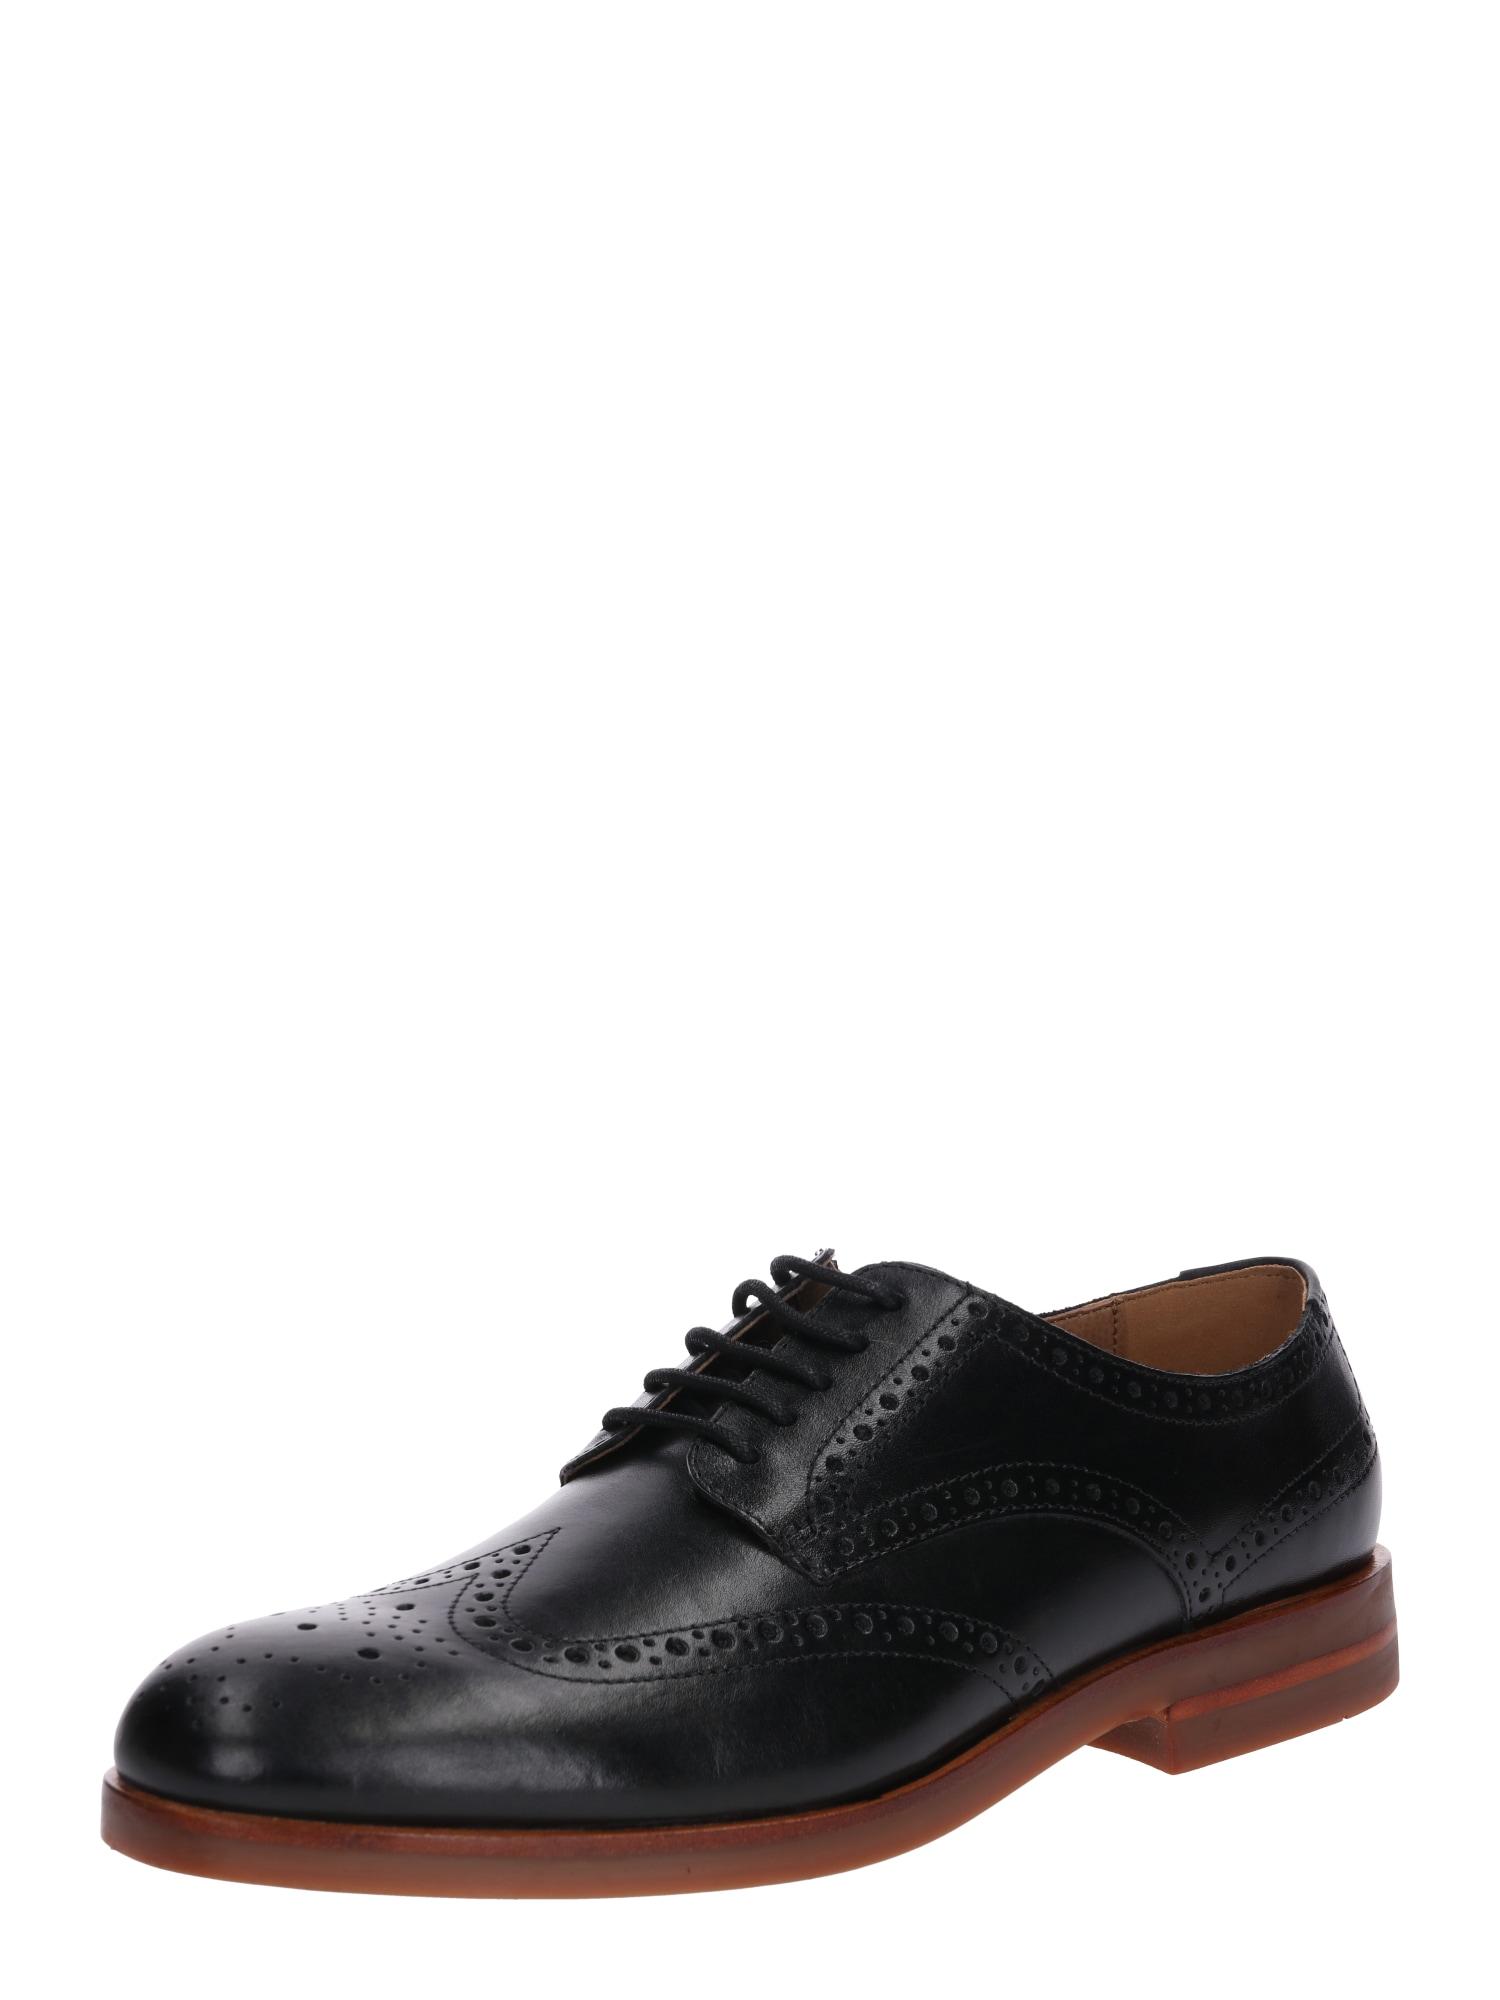 Šněrovací boty Balleter černá Hudson London